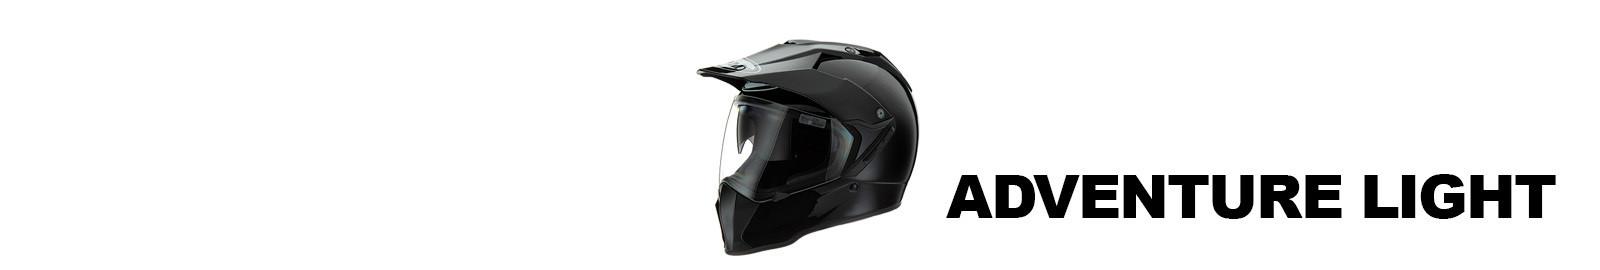 Suomy MX Tourer Helmets